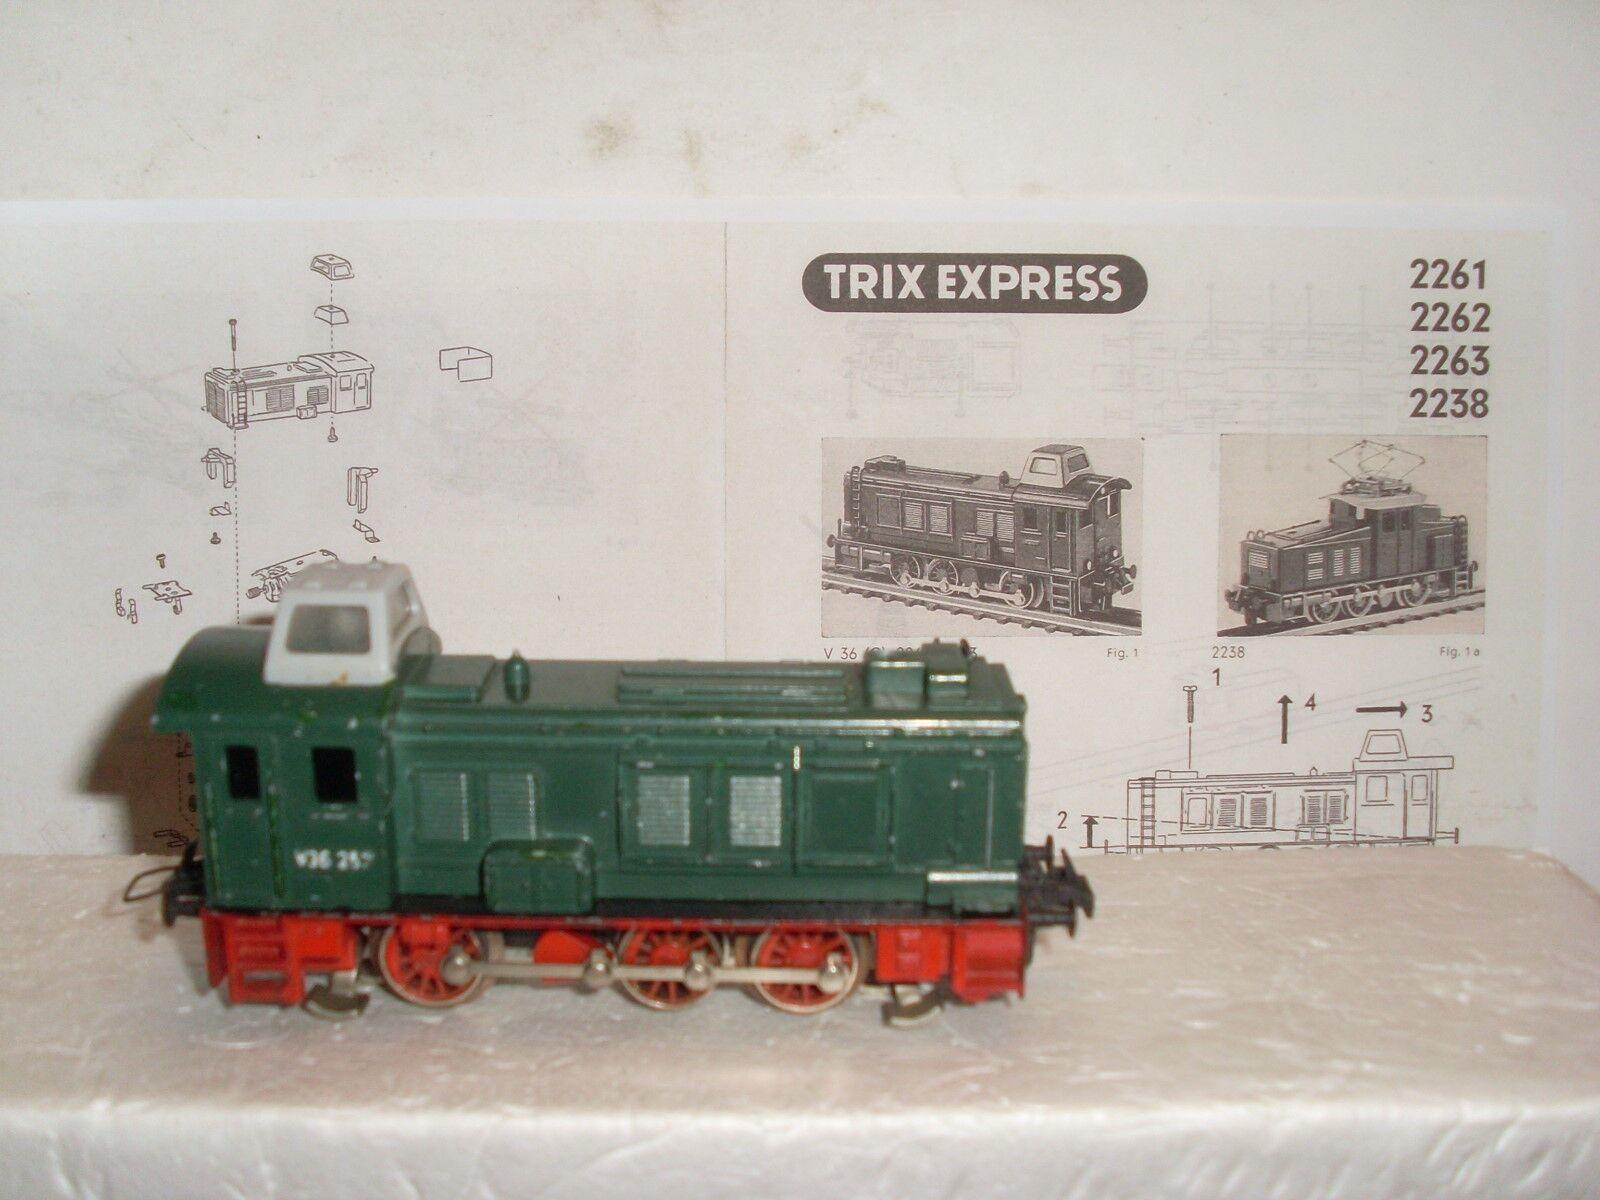 Trix Express 2261 Diesellok V36 257 der DB m. Kanzel, Bj.1959-68, guter Zustand  | Realistisch